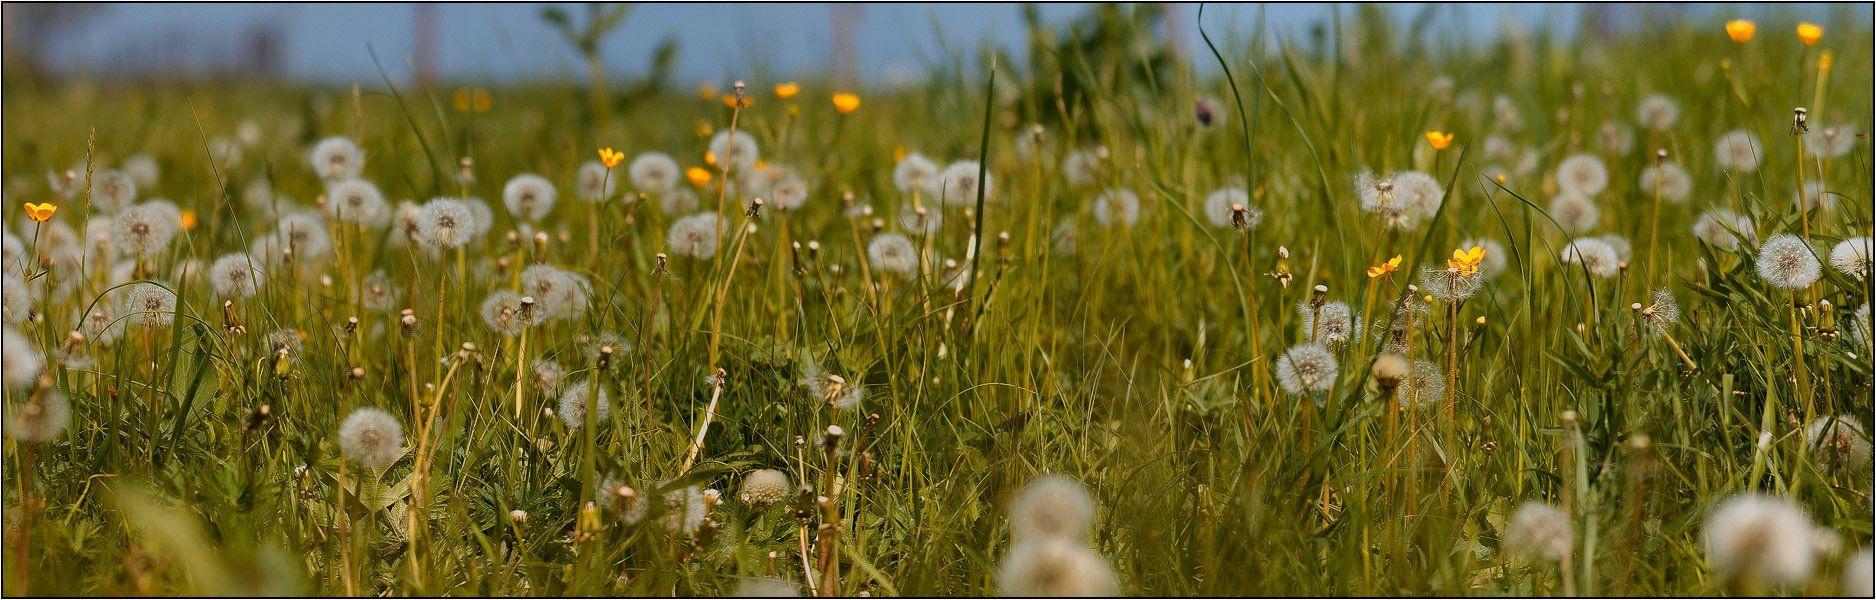 дон, луг, трава, весна, wofa